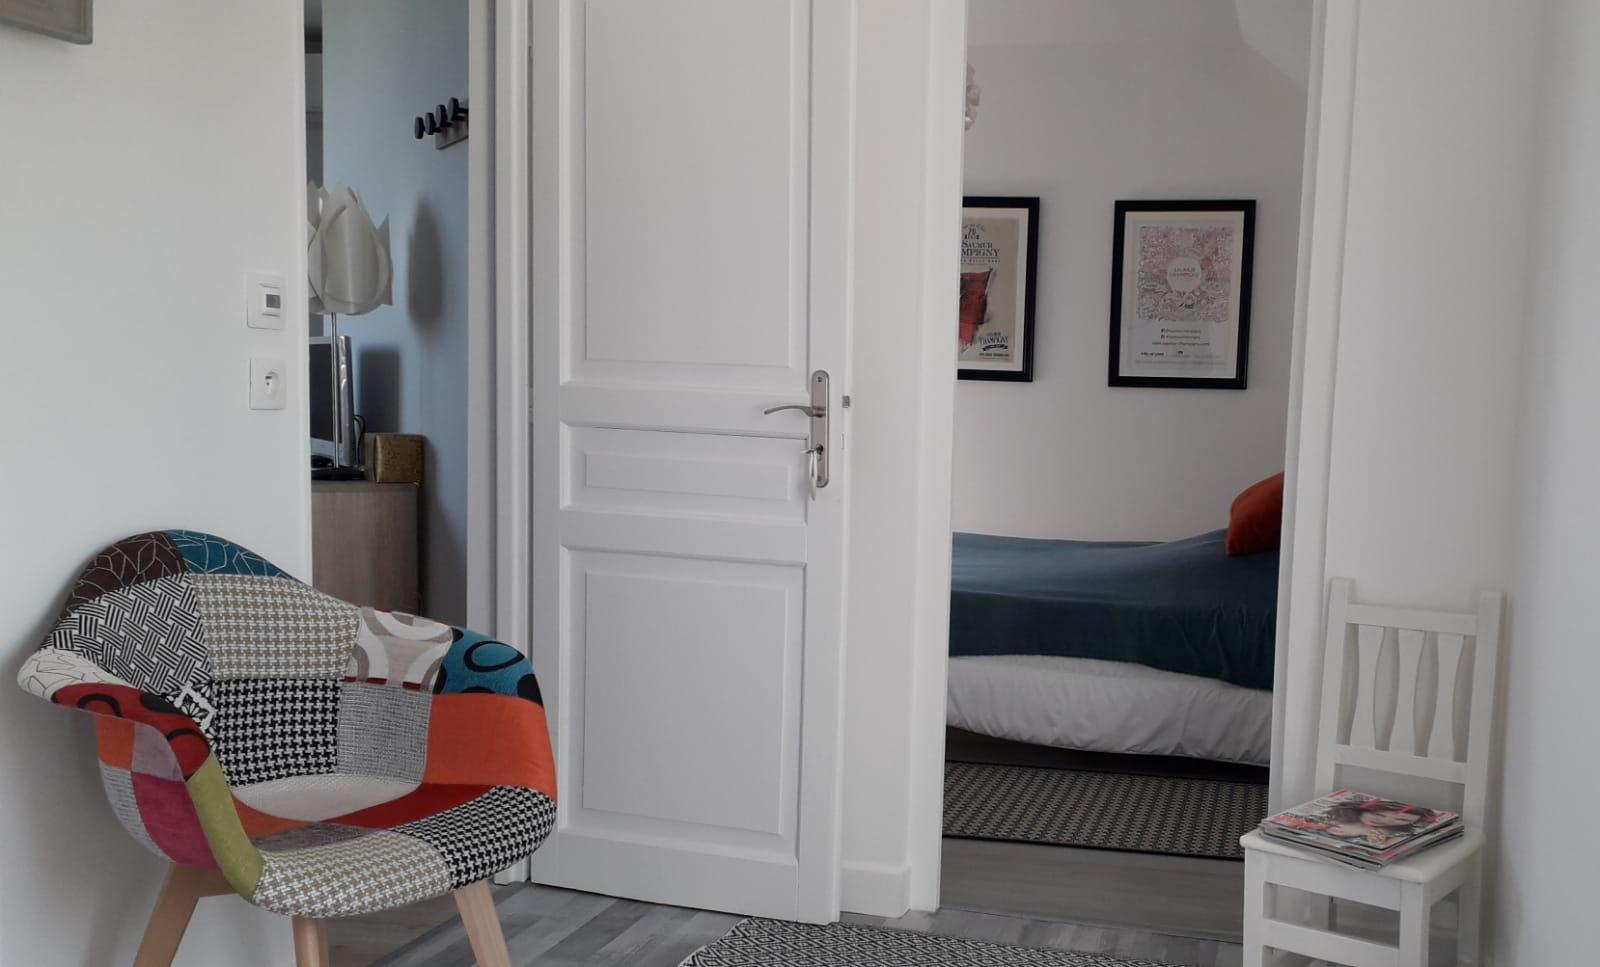 Espace commun au 2 chambres